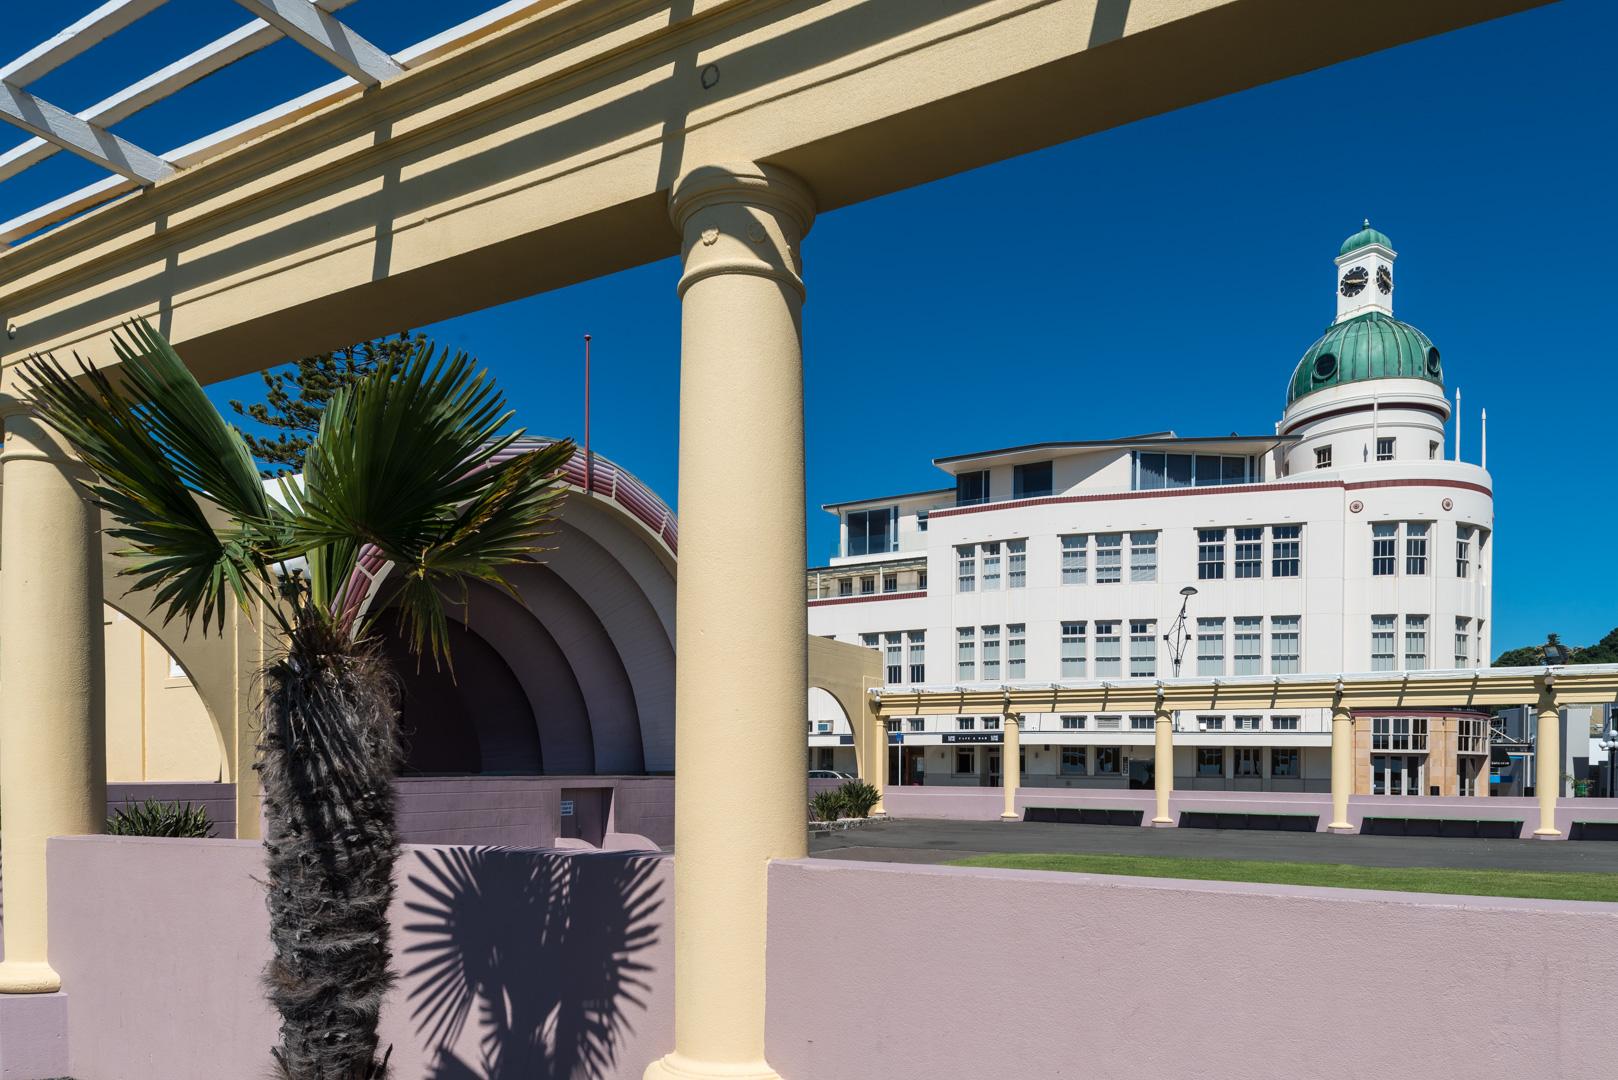 Deco Architektur neuseeland architektur deco toma babovic photography